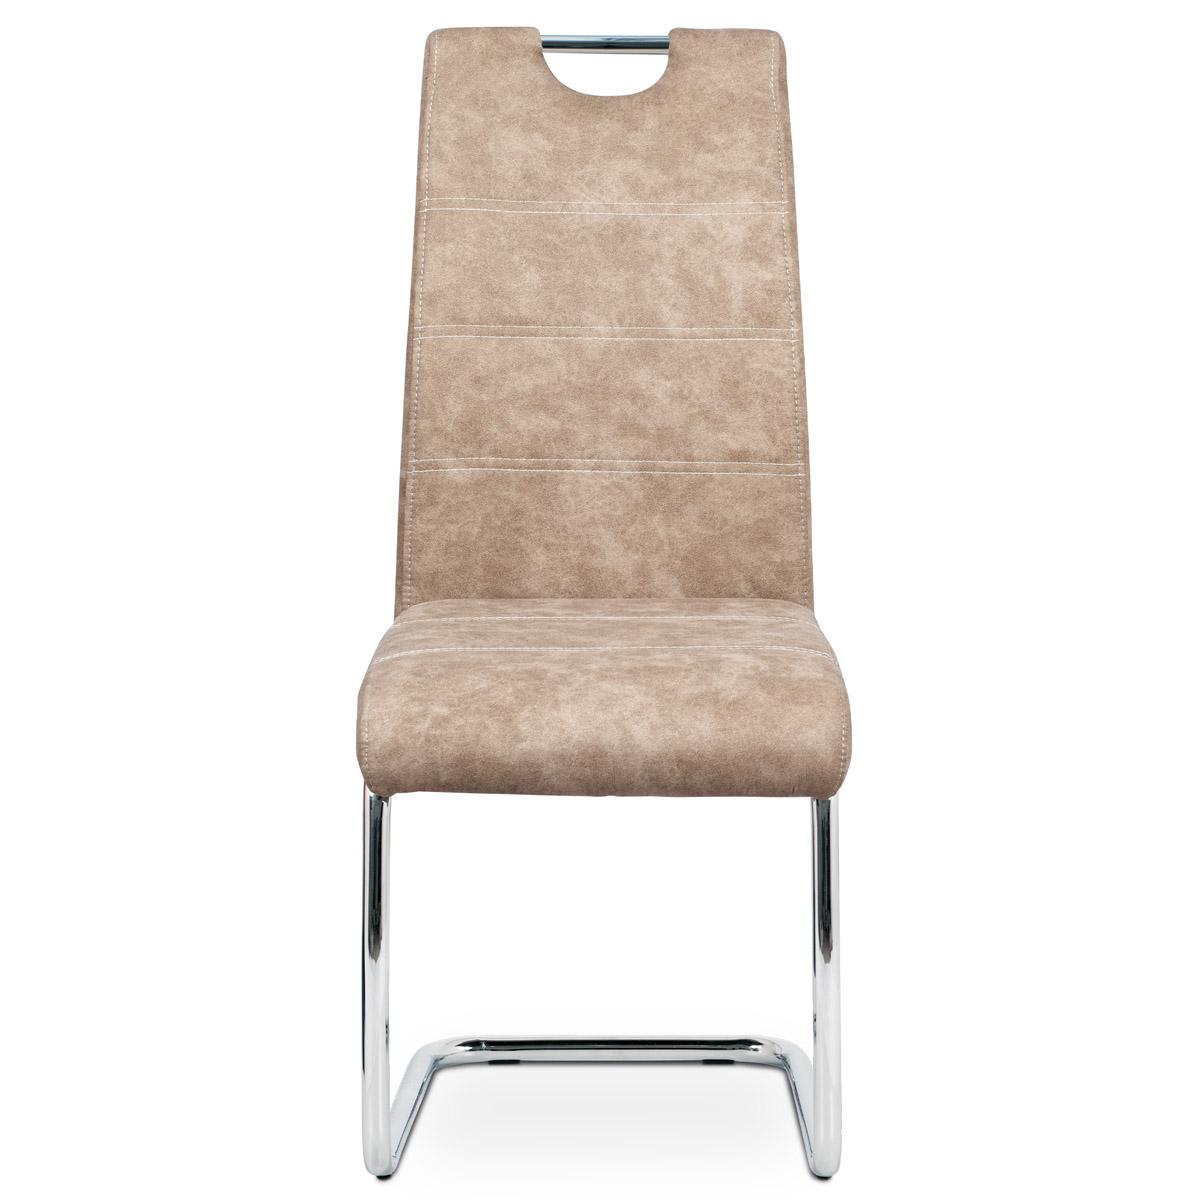 Jídelní židle, potah krémová látka COWBOY v dekoru vintage kůže, kovová chromova - HC-483 CRM3